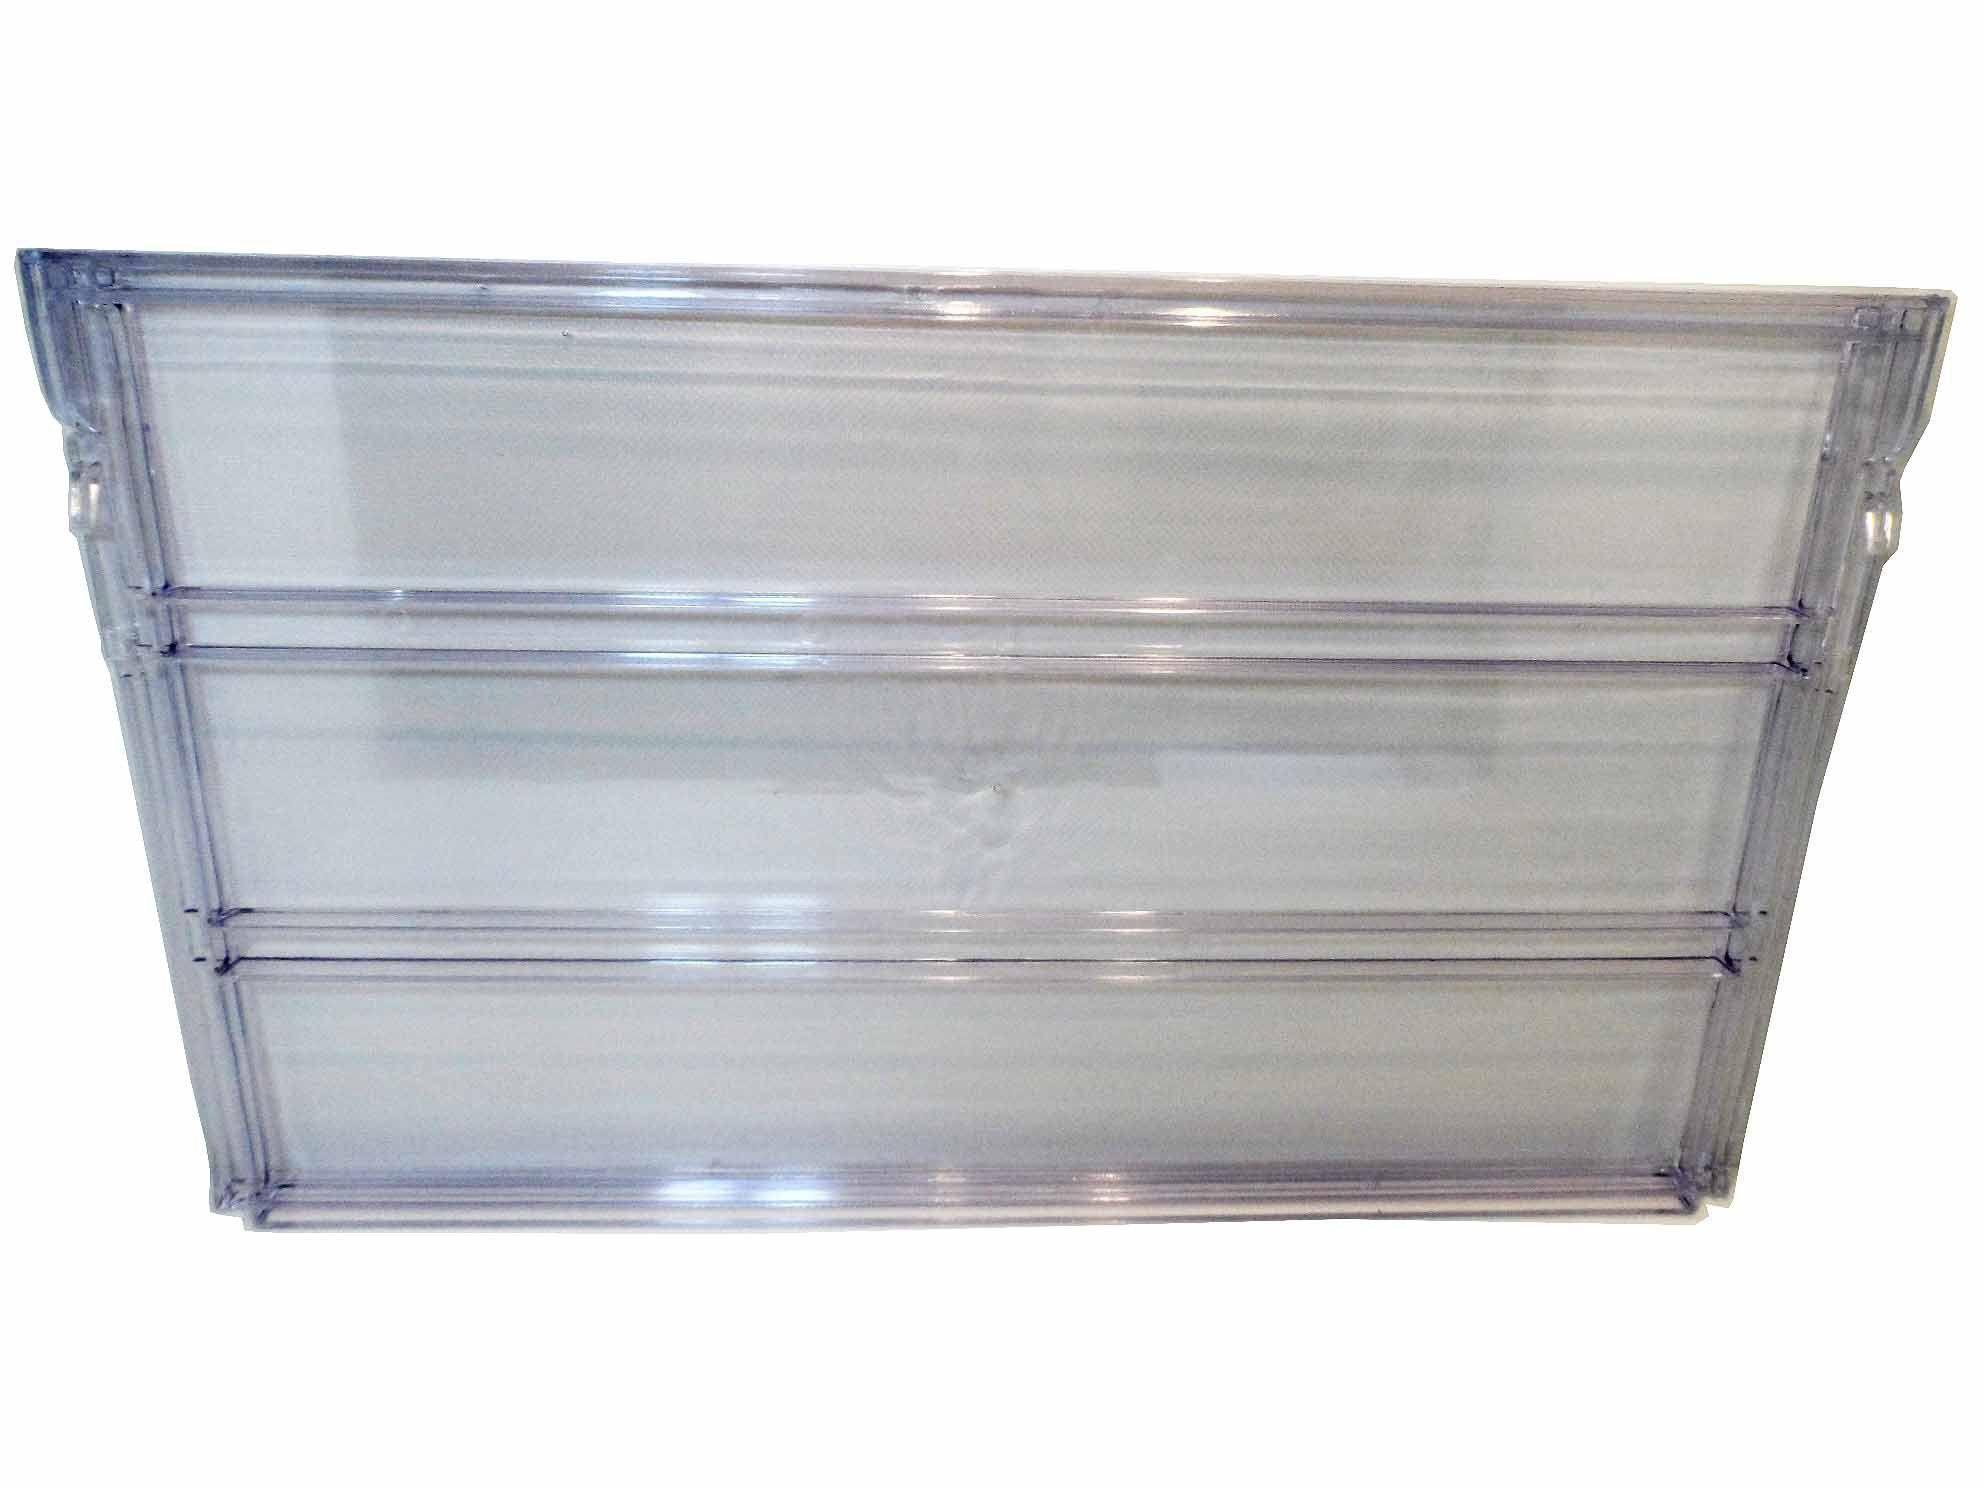 Prateleira Refrigerador Bosch/Continental